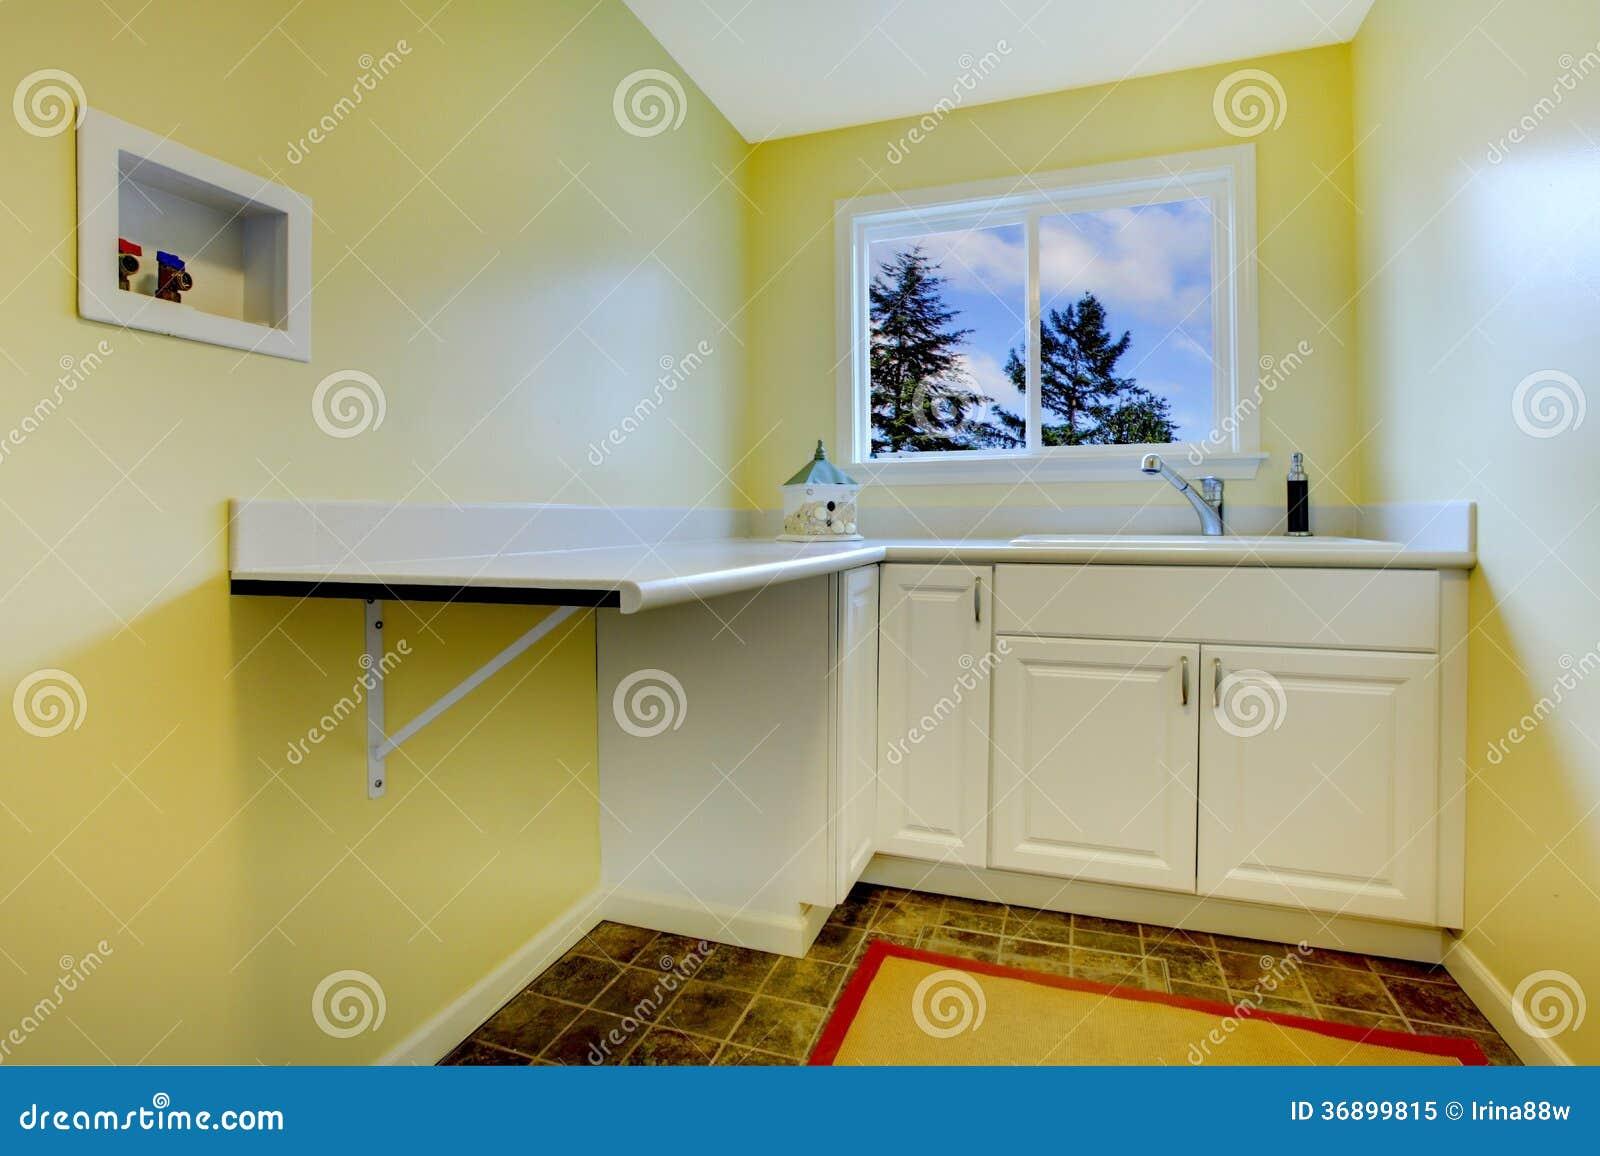 Töm gul tvättstuga royaltyfri foto   bild: 36899815